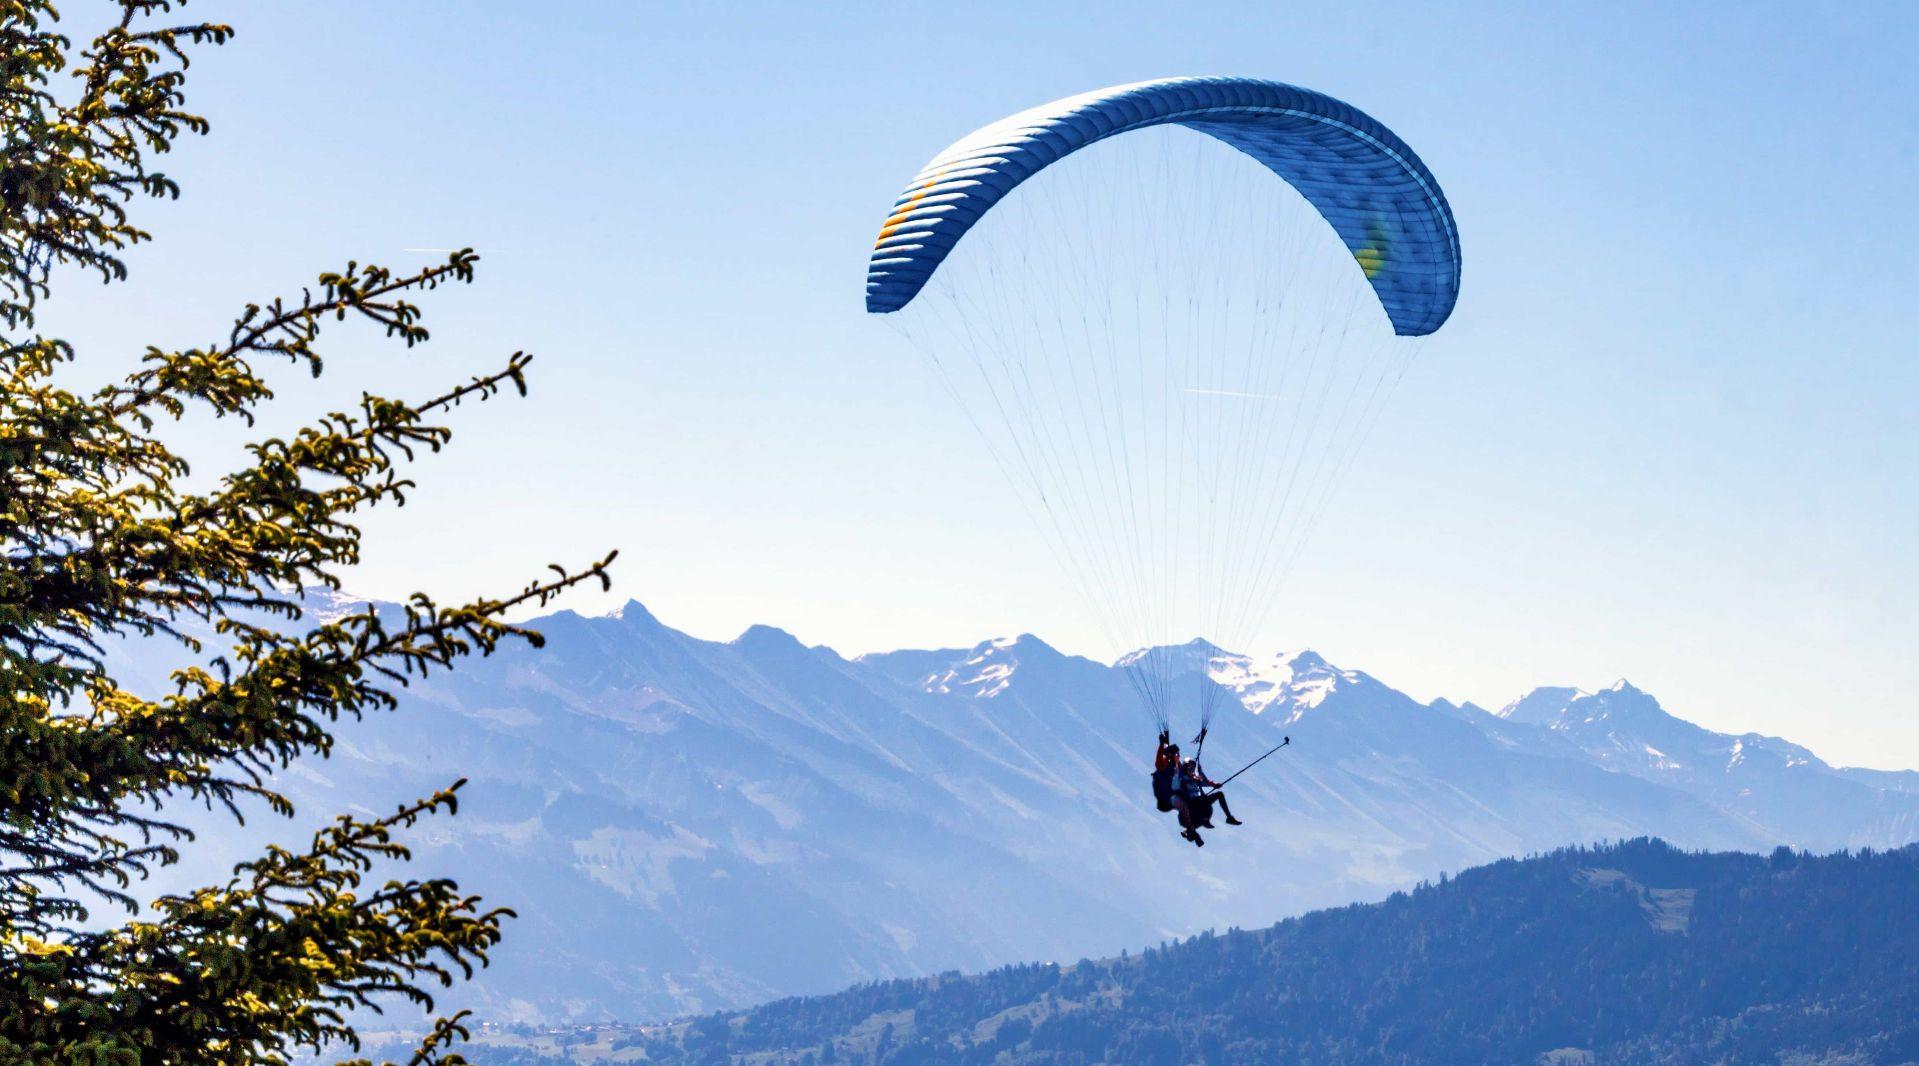 Volo in parapendio biposto sulla Serra d'Ivrea